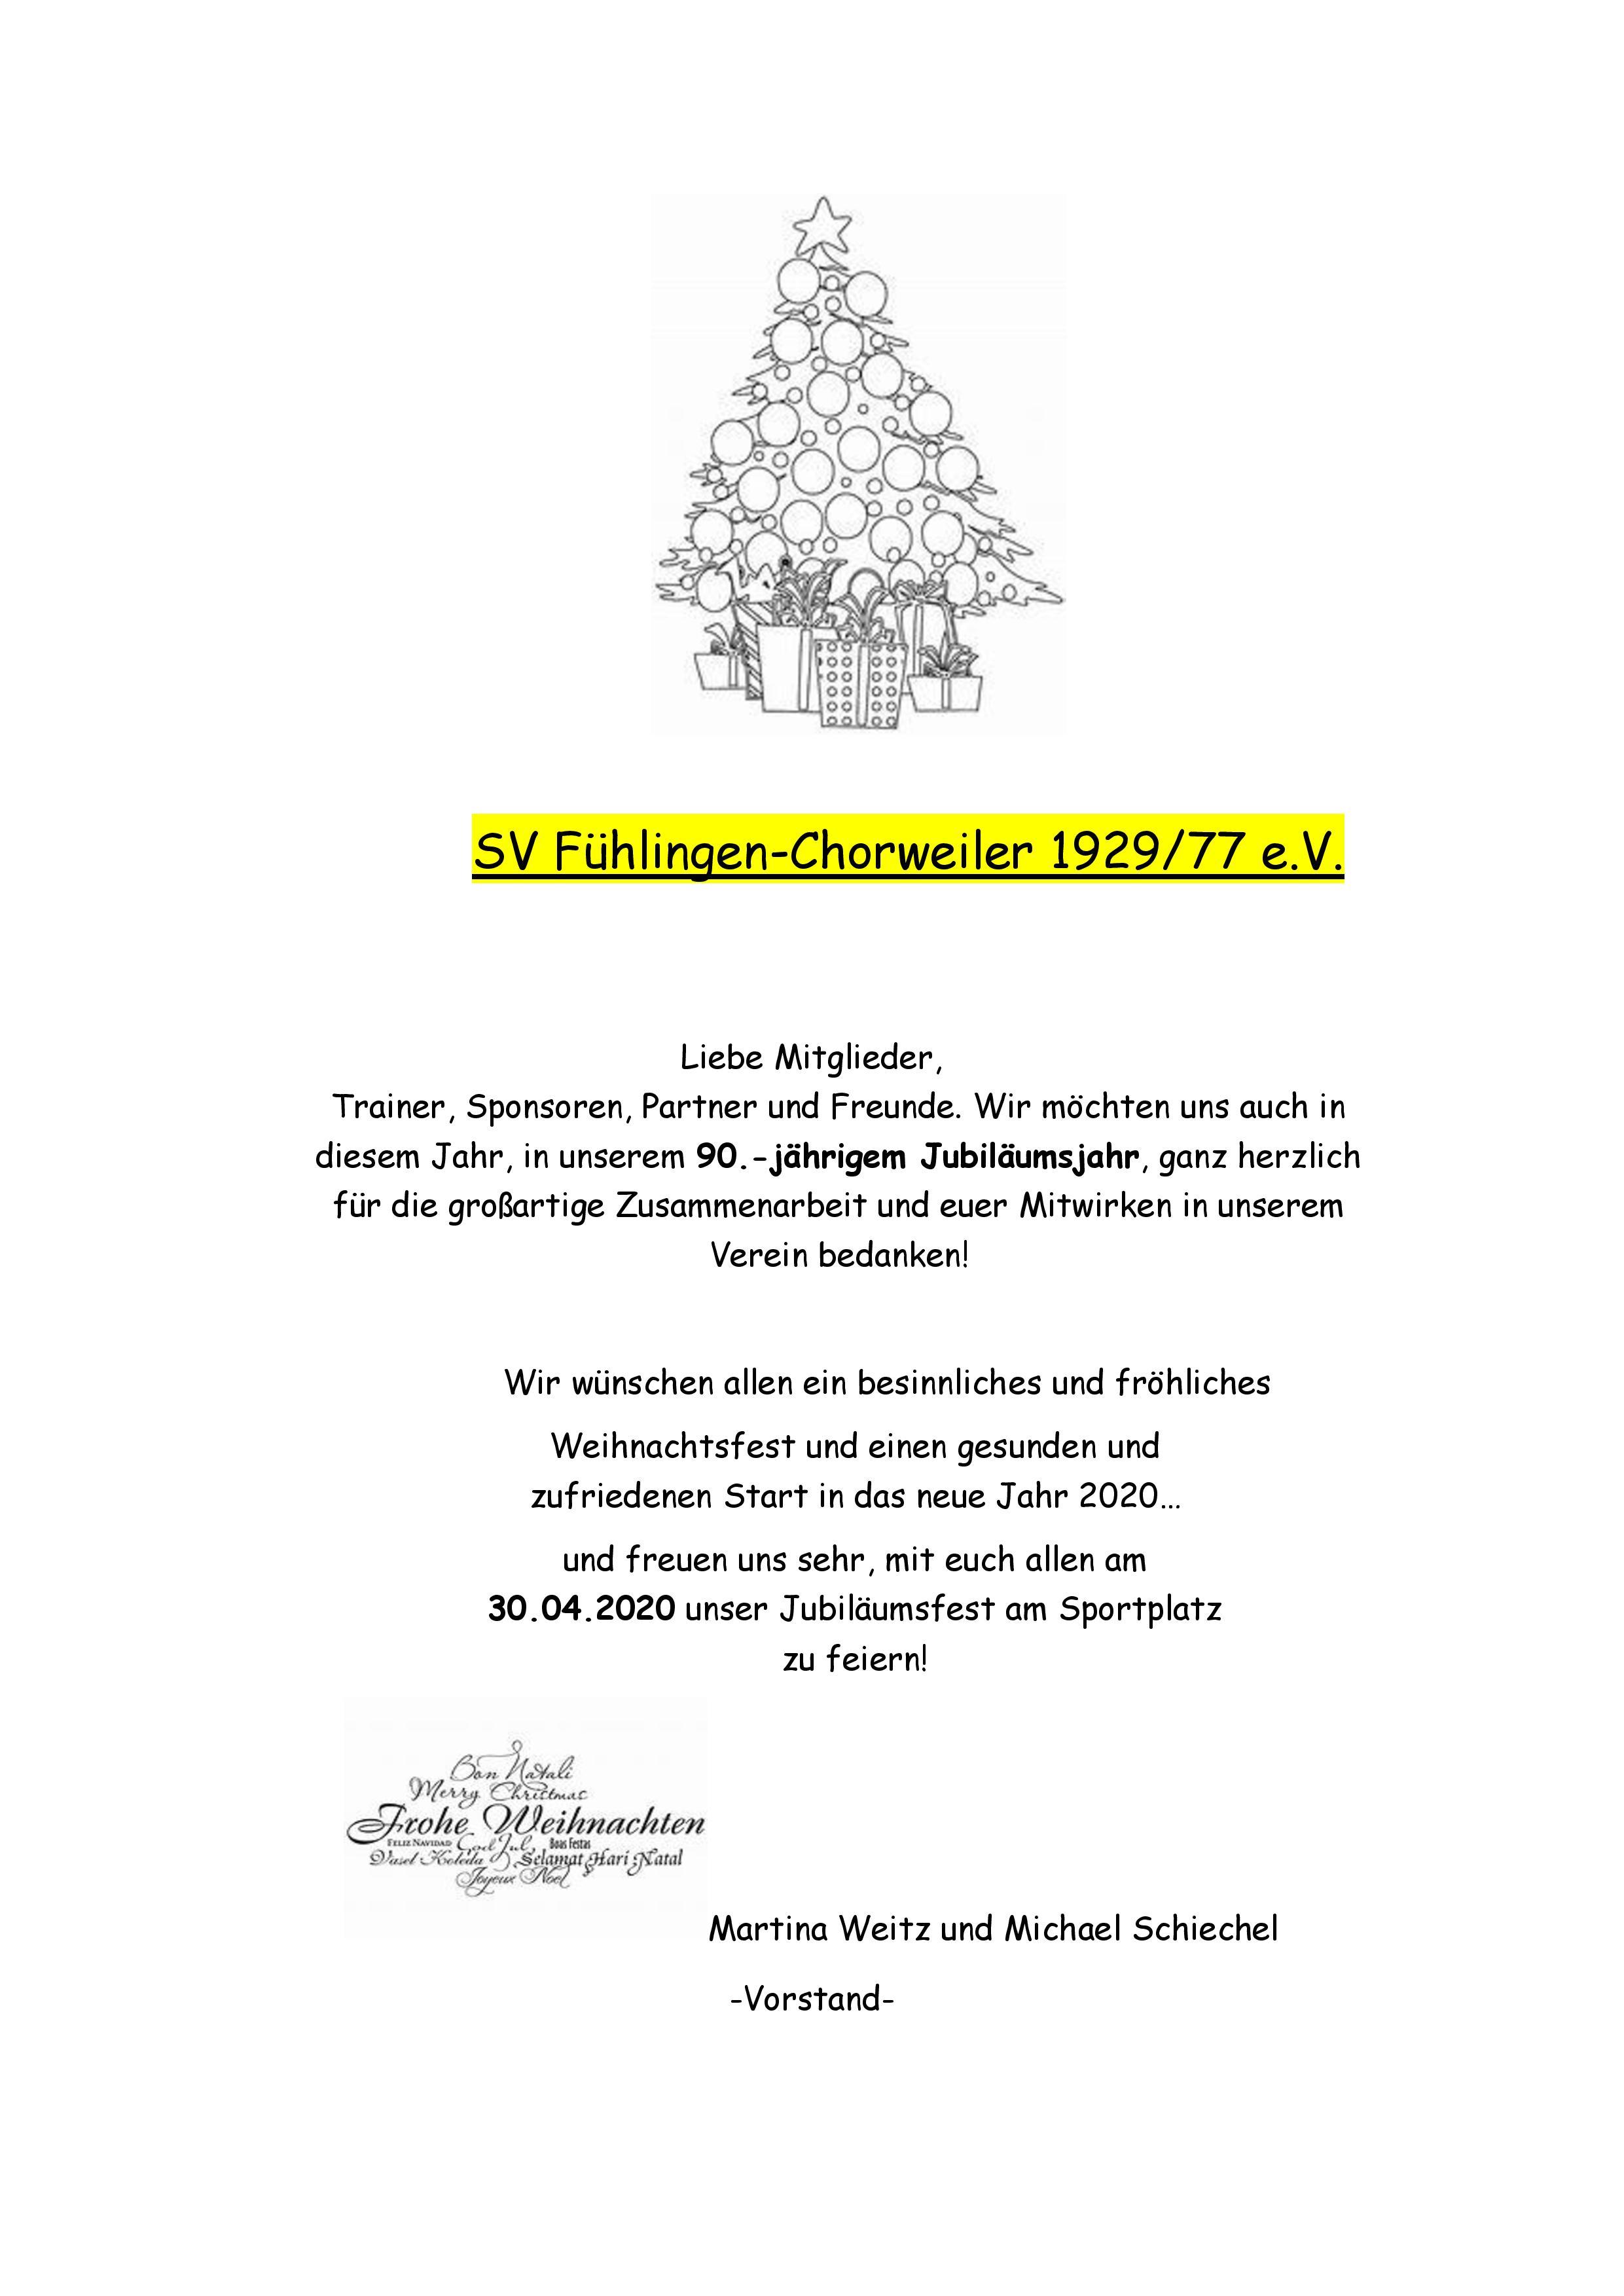 SV_Fhlingen_Weihnachtsanschreiben_2019-page-001